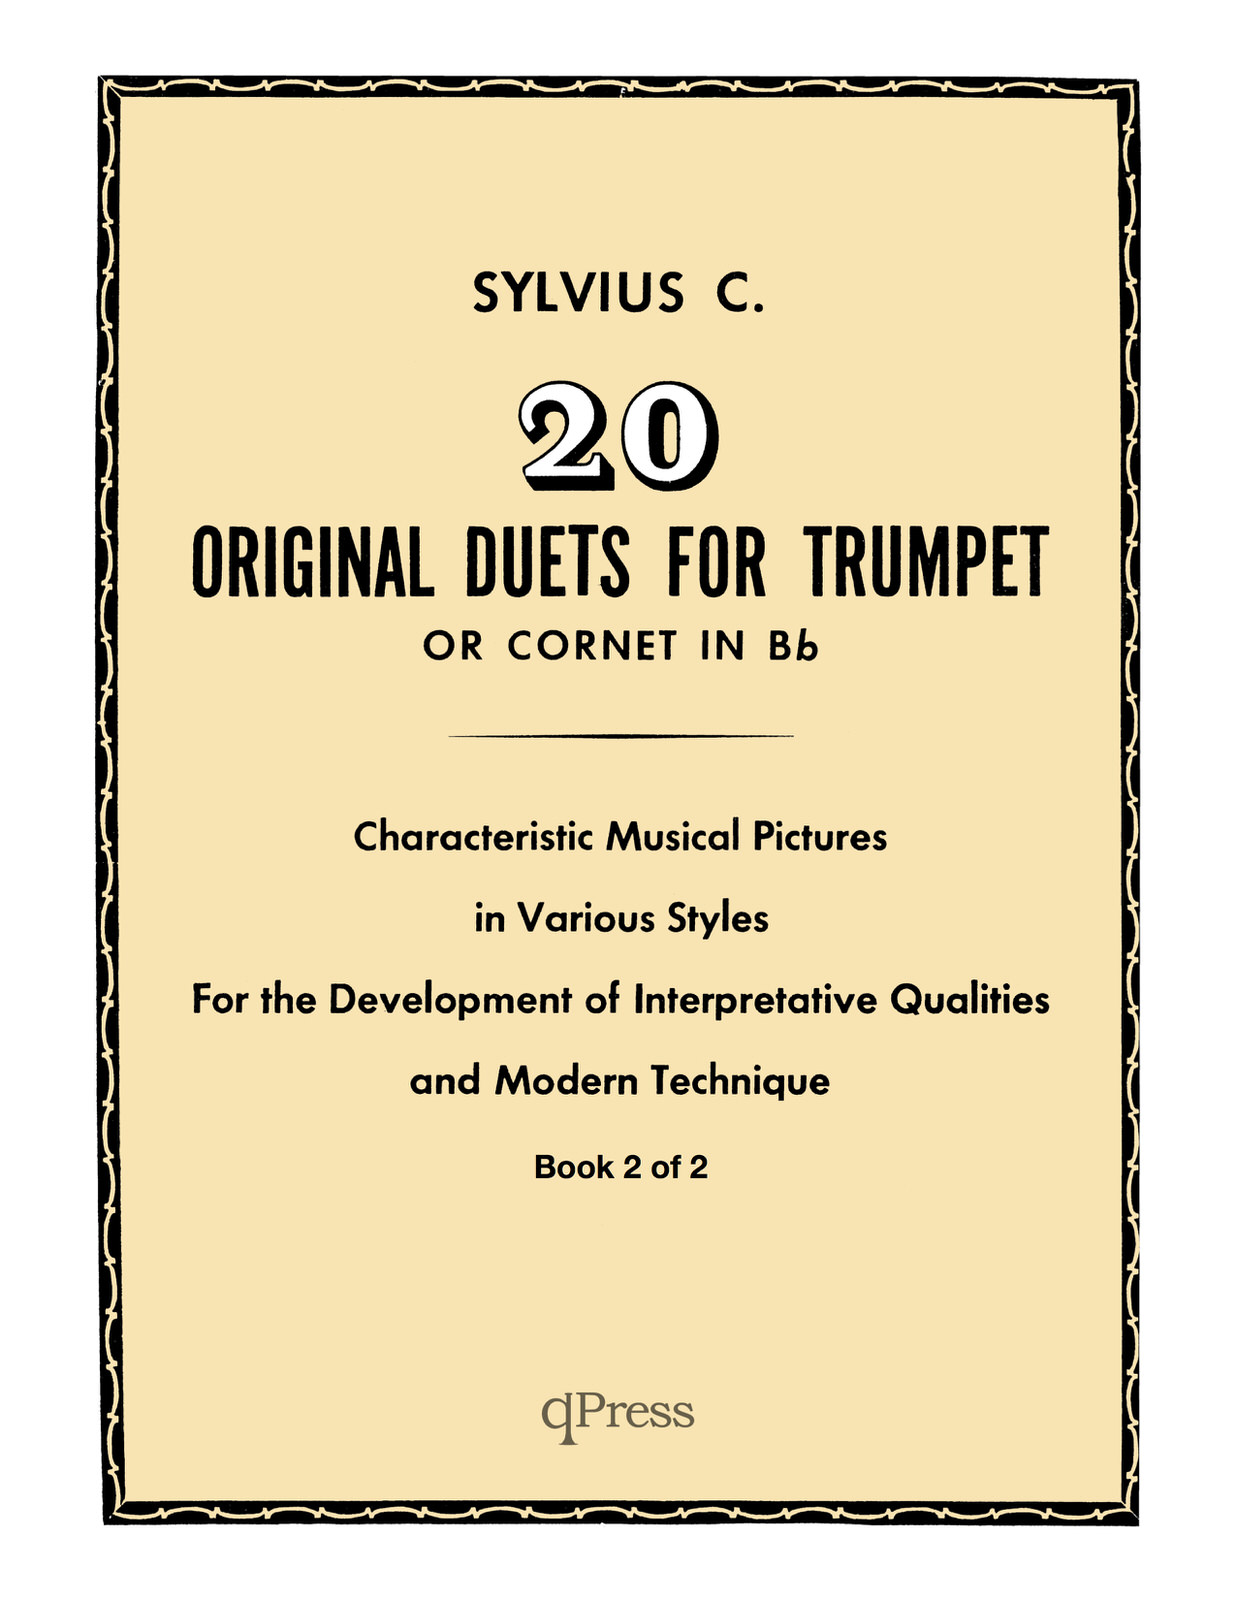 Clean Coscia, Sylvius 20 Original Duets for Trumpet or Cornet Book 2 5